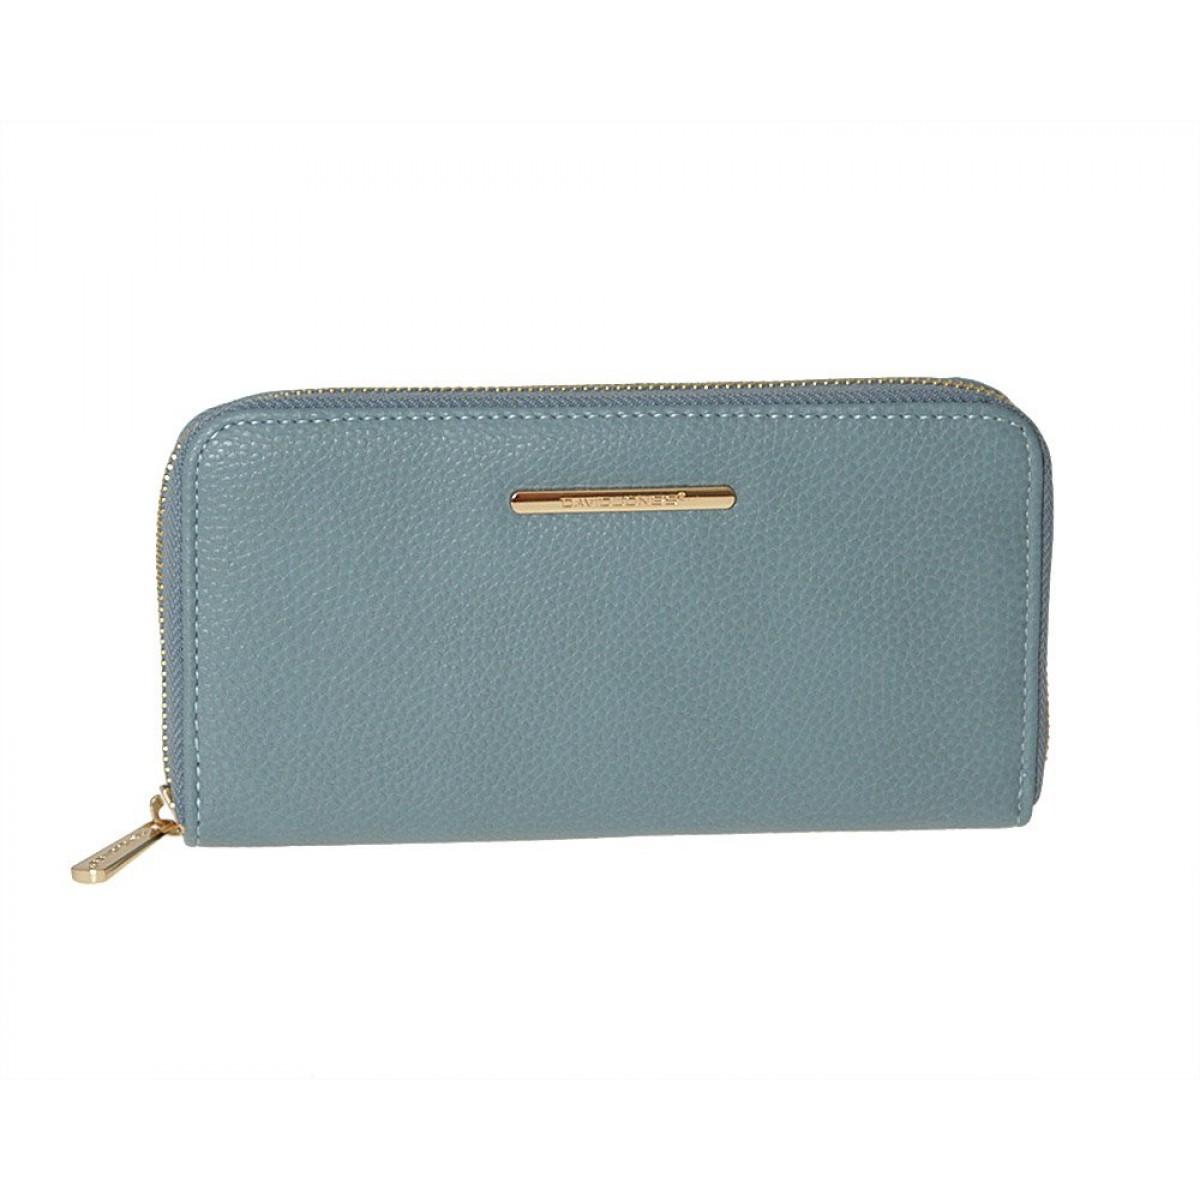 Жіночий гаманець David Jones P031-510 Blue